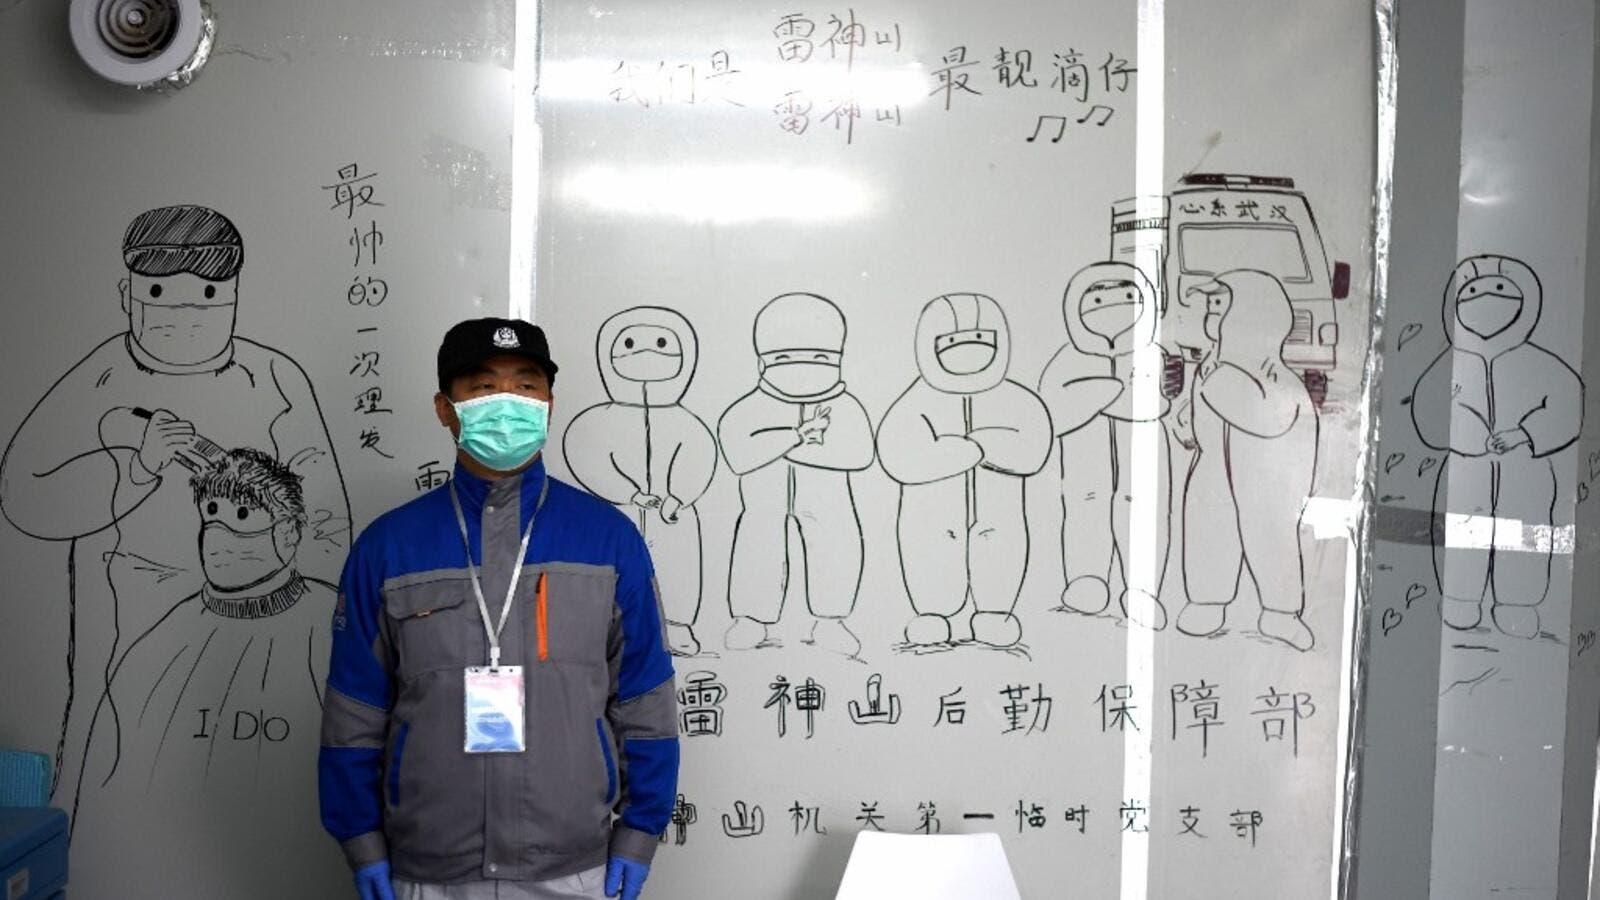 Wuhan Institute of Virology: Origin of Coronavirus or Conspiracy Nonsense?